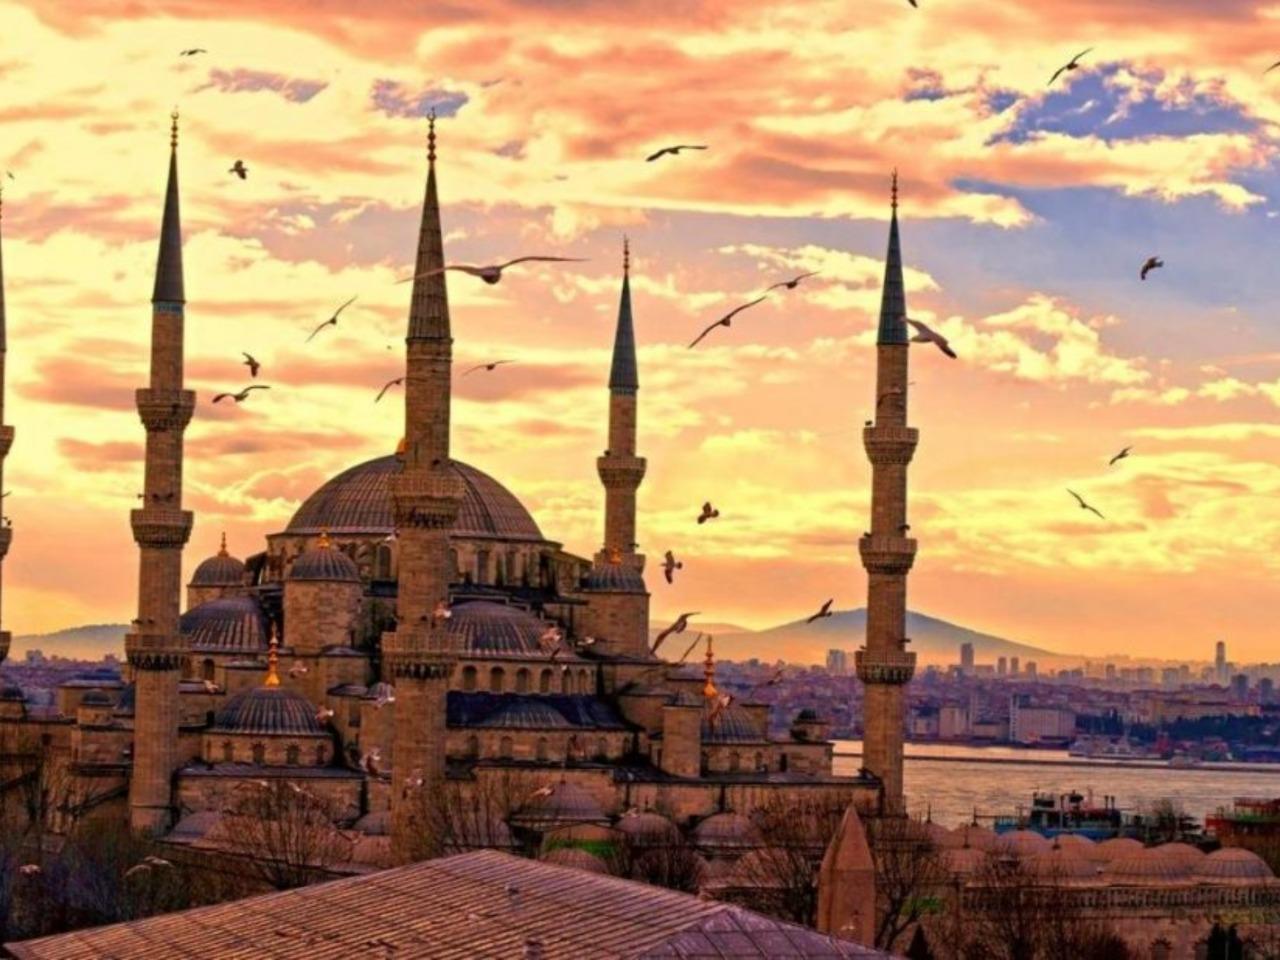 Визитные карточки древнего Стамбула - индивидуальная экскурсия в Стамбуле от опытного гида